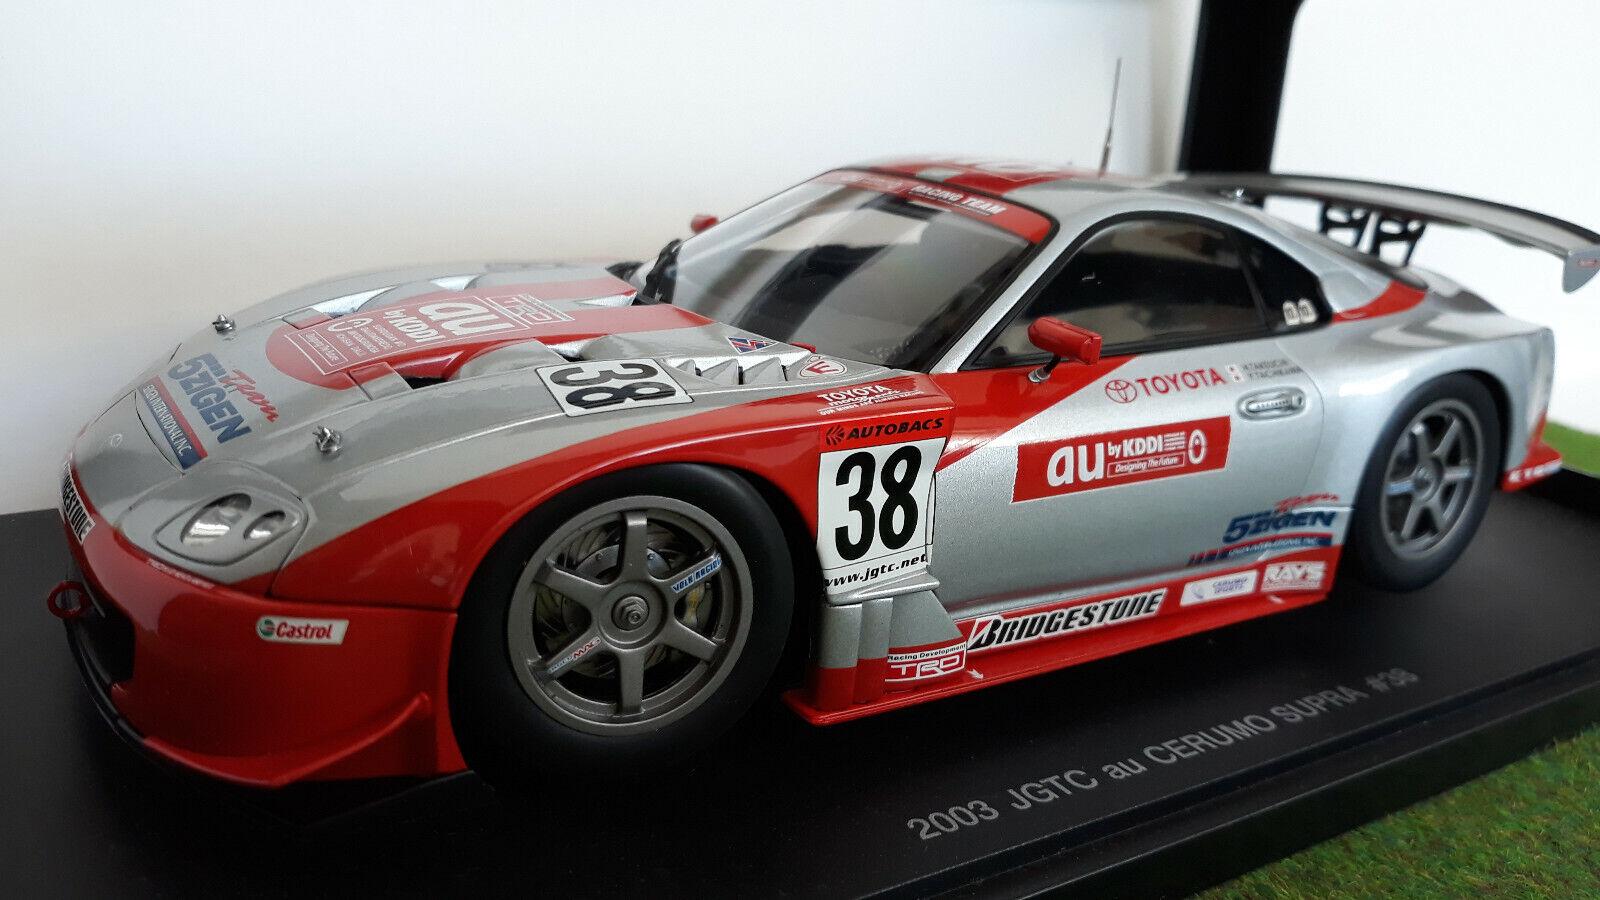 TOYOTA SUPRA JGTC 2003 AU CERUMO    38 1 18 AUTOart 80317 voiture miniature coll.  économiser 35% - 70% de réduction